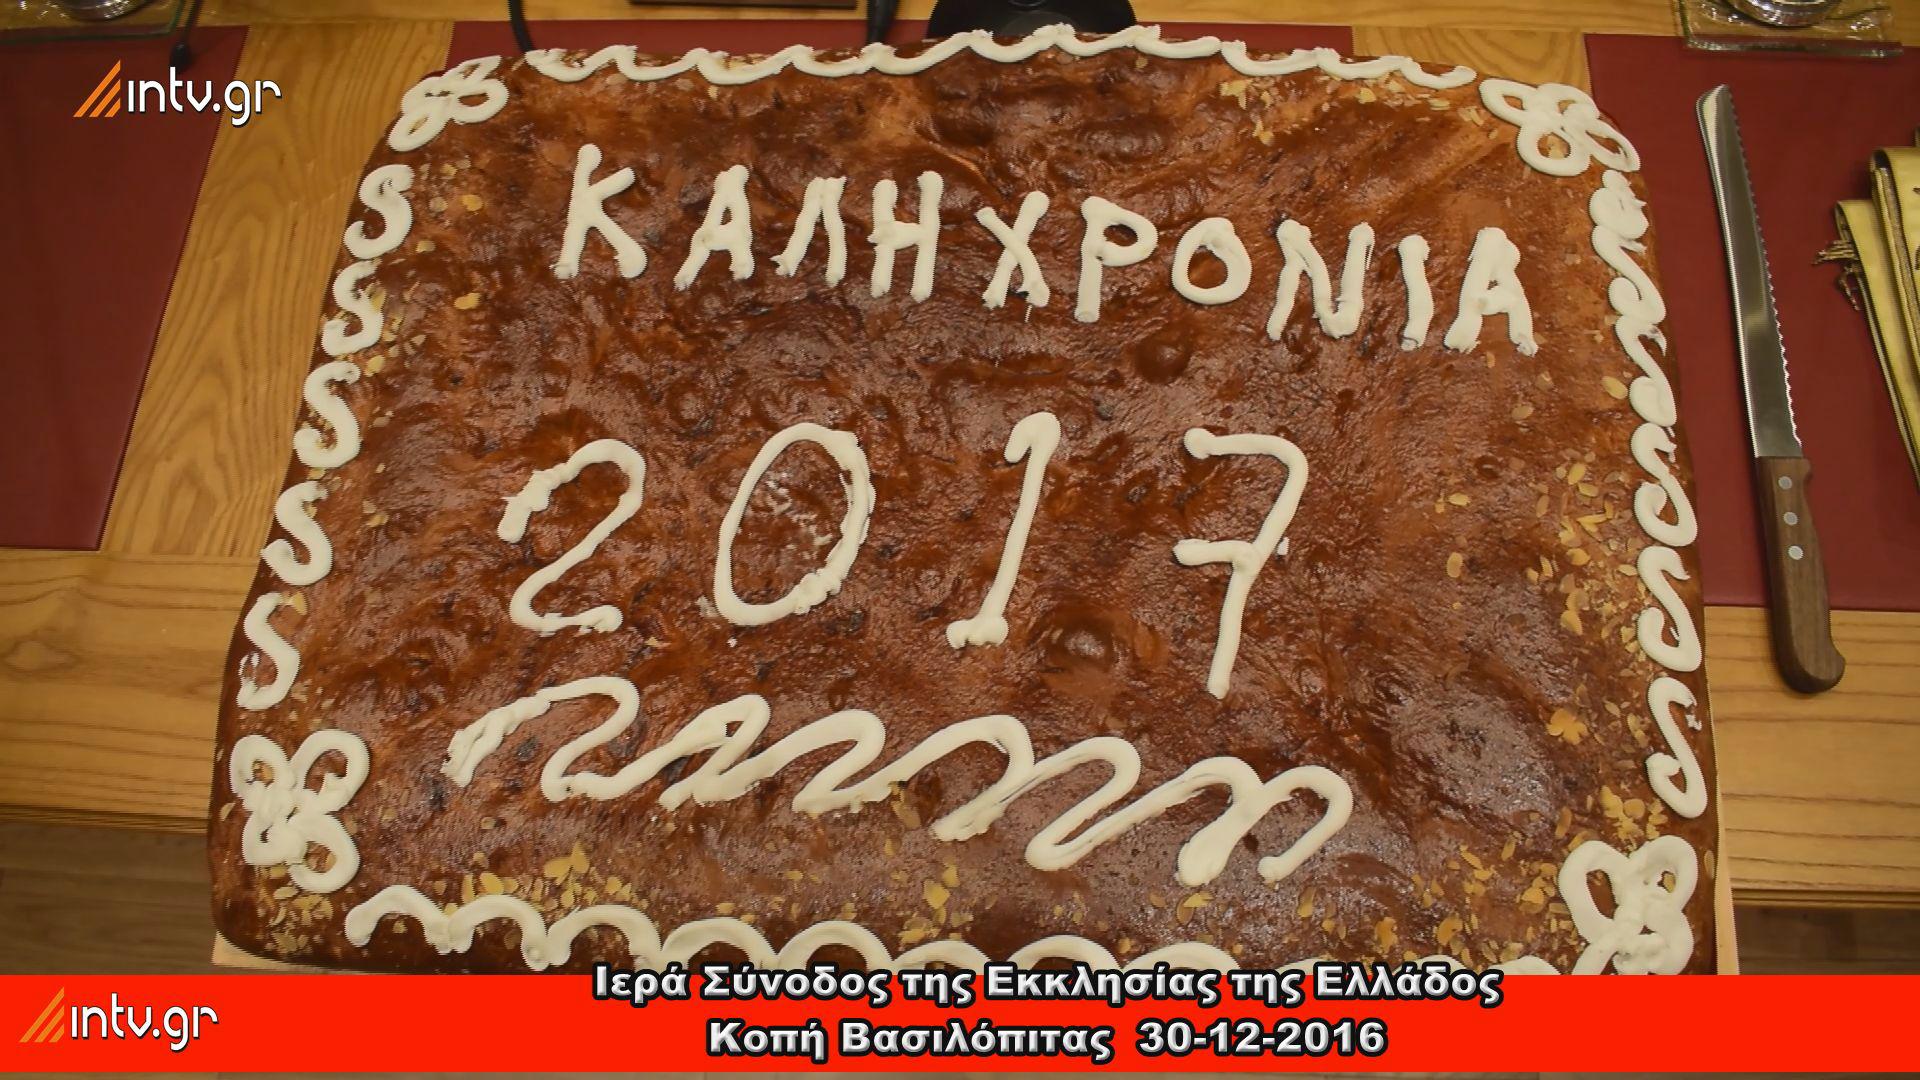 Ιερά Σύνοδος της Εκκλησίας της Ελλάδος -  Κοπή Βασιλόπιτας 2016